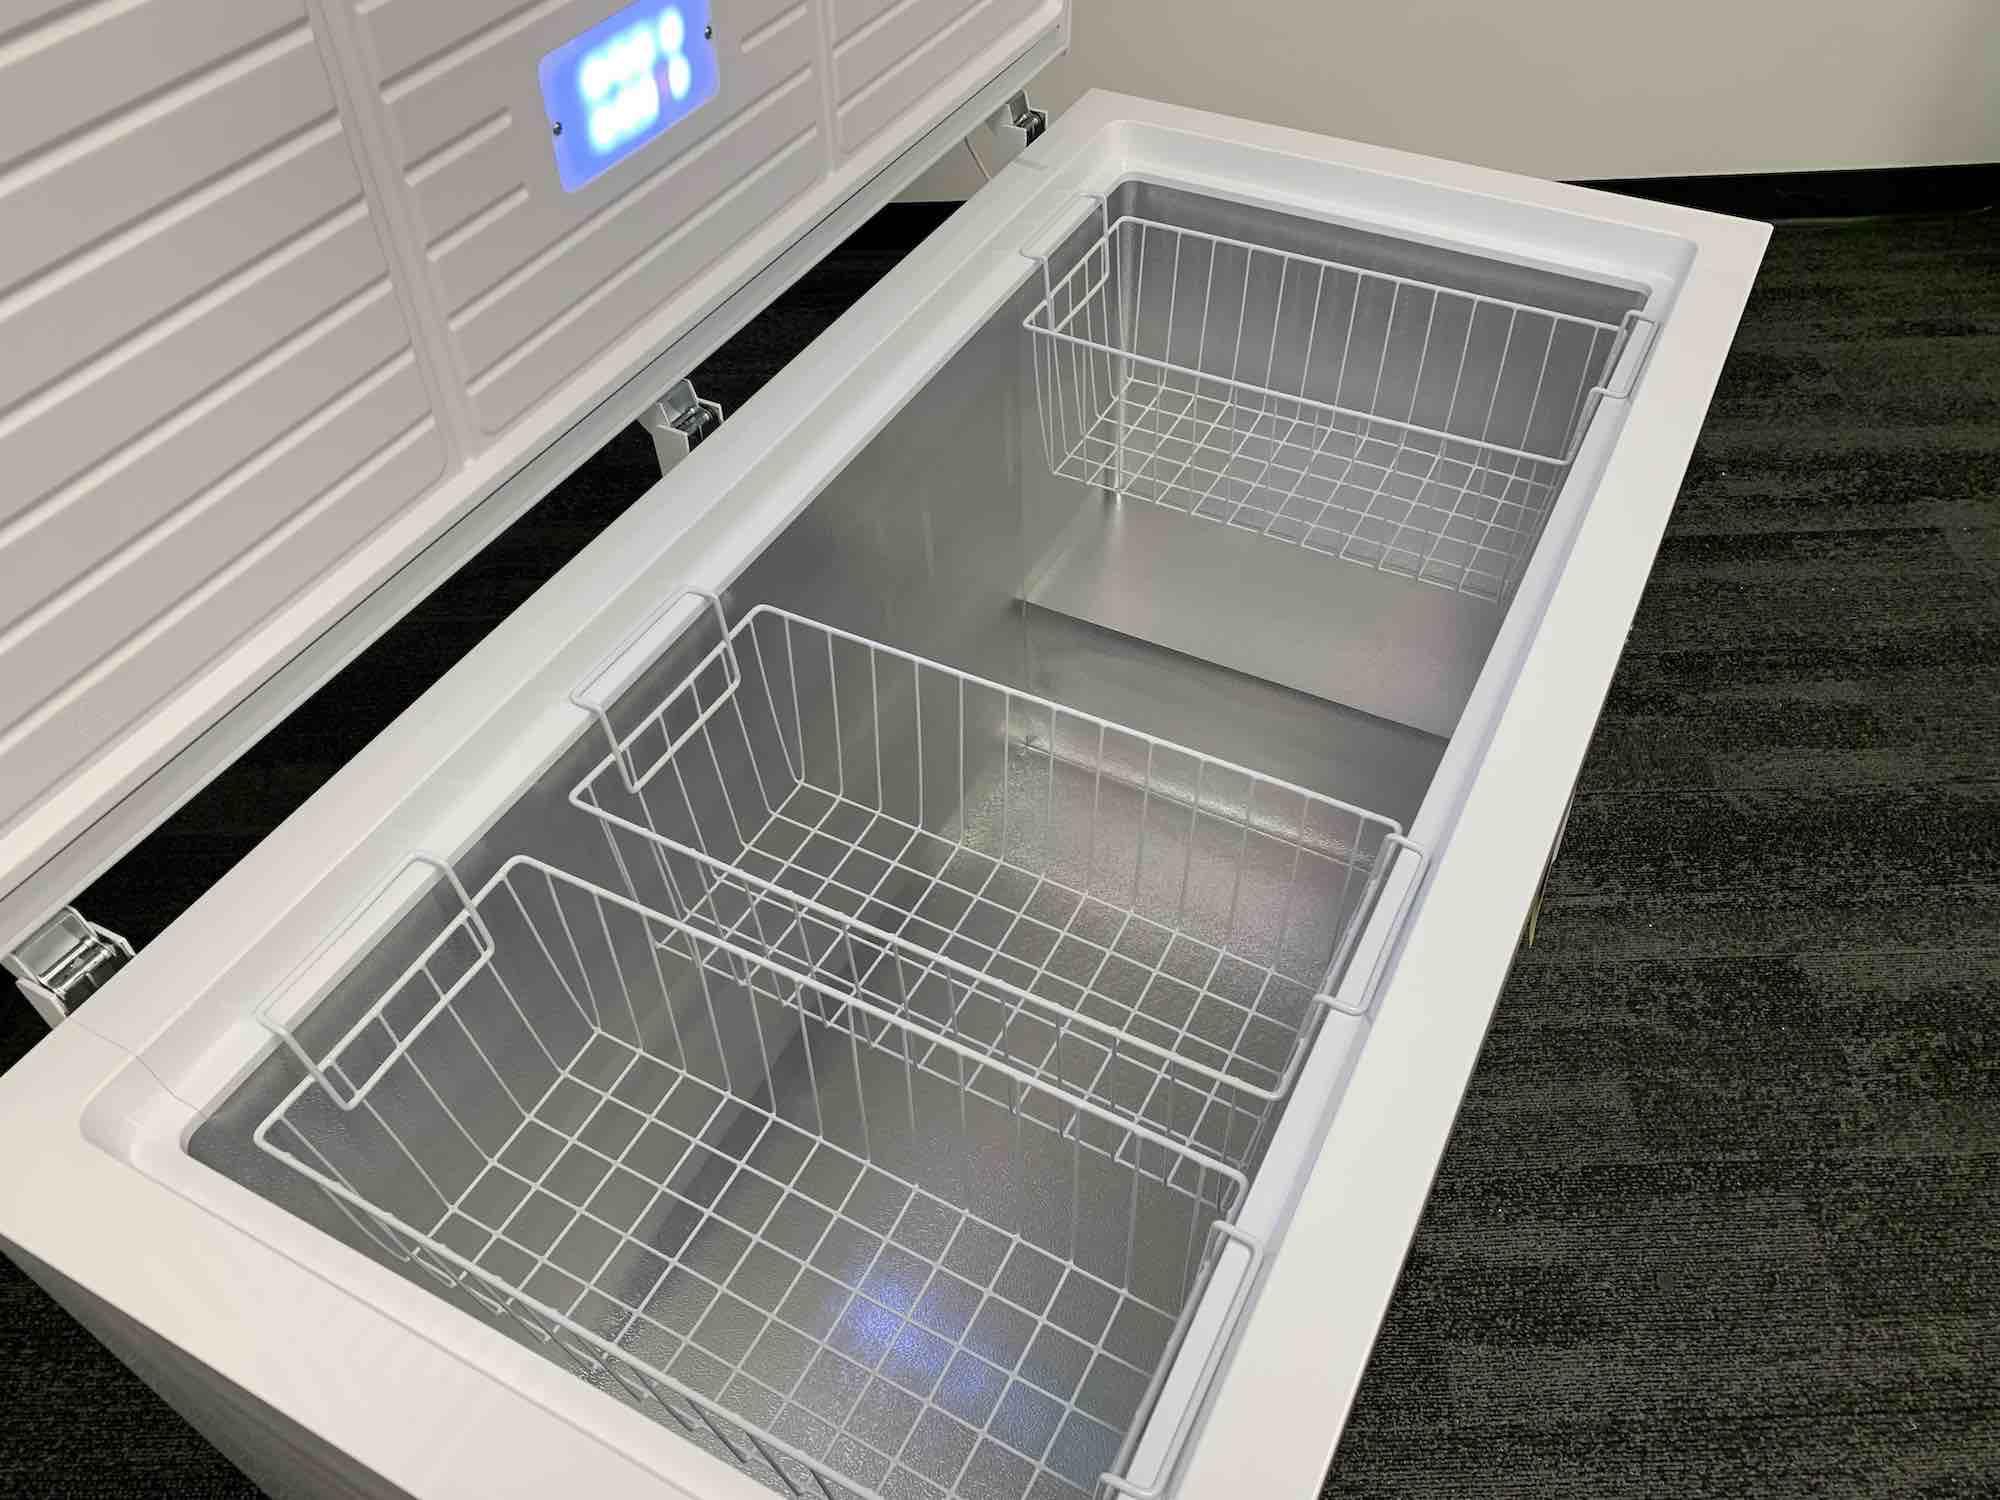 Insignia chest freezer interior